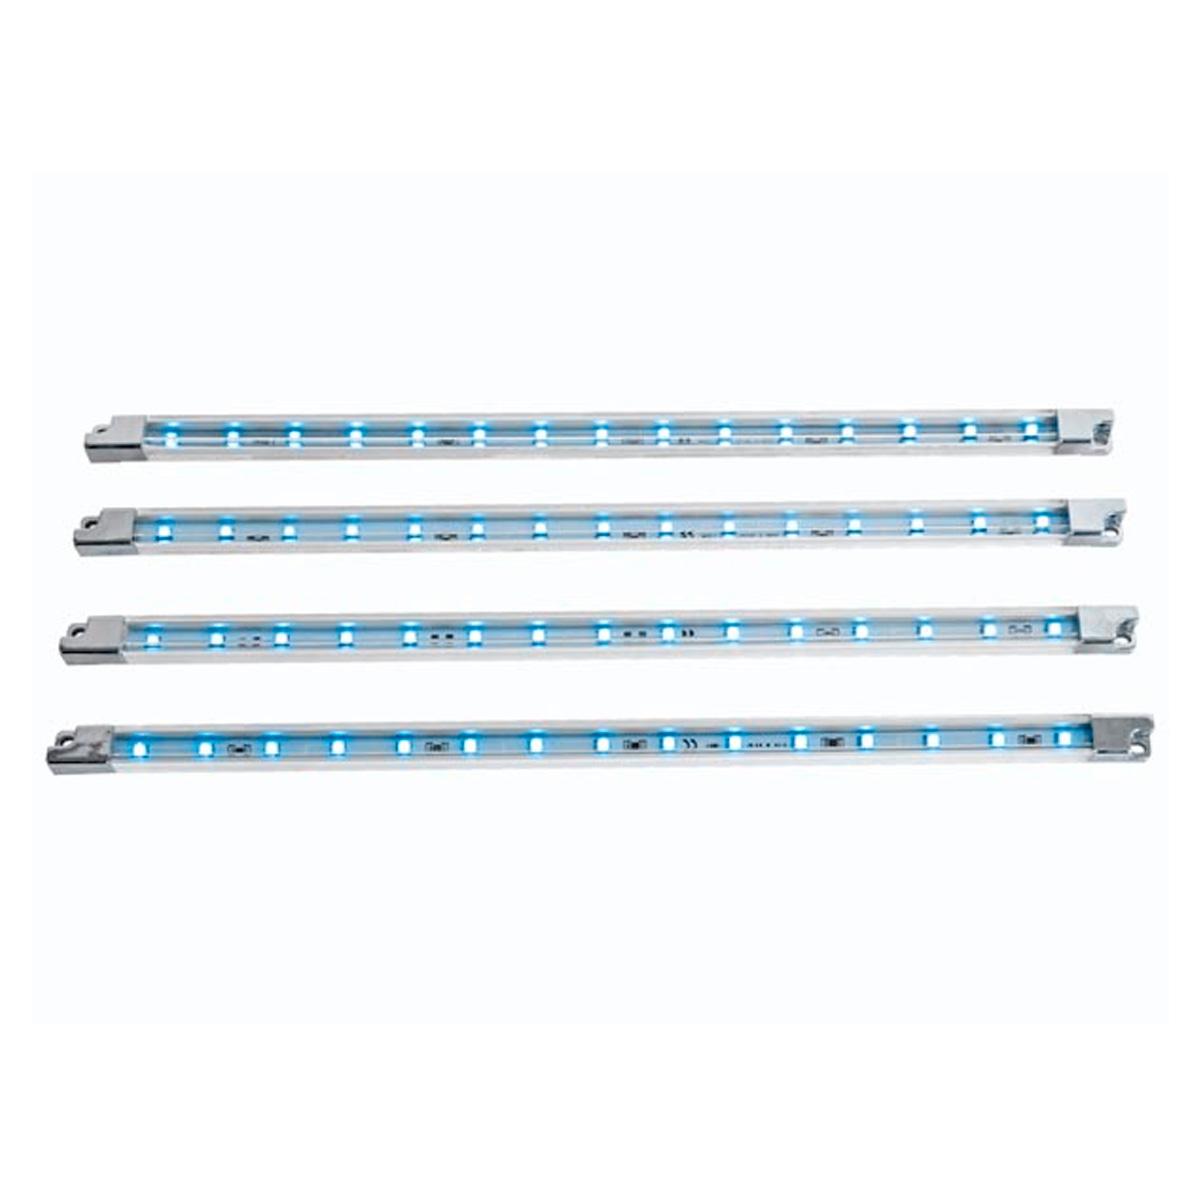 Tira de led decorativa x4 12v azul iluminaci n led - Iluminacion led decorativa ...